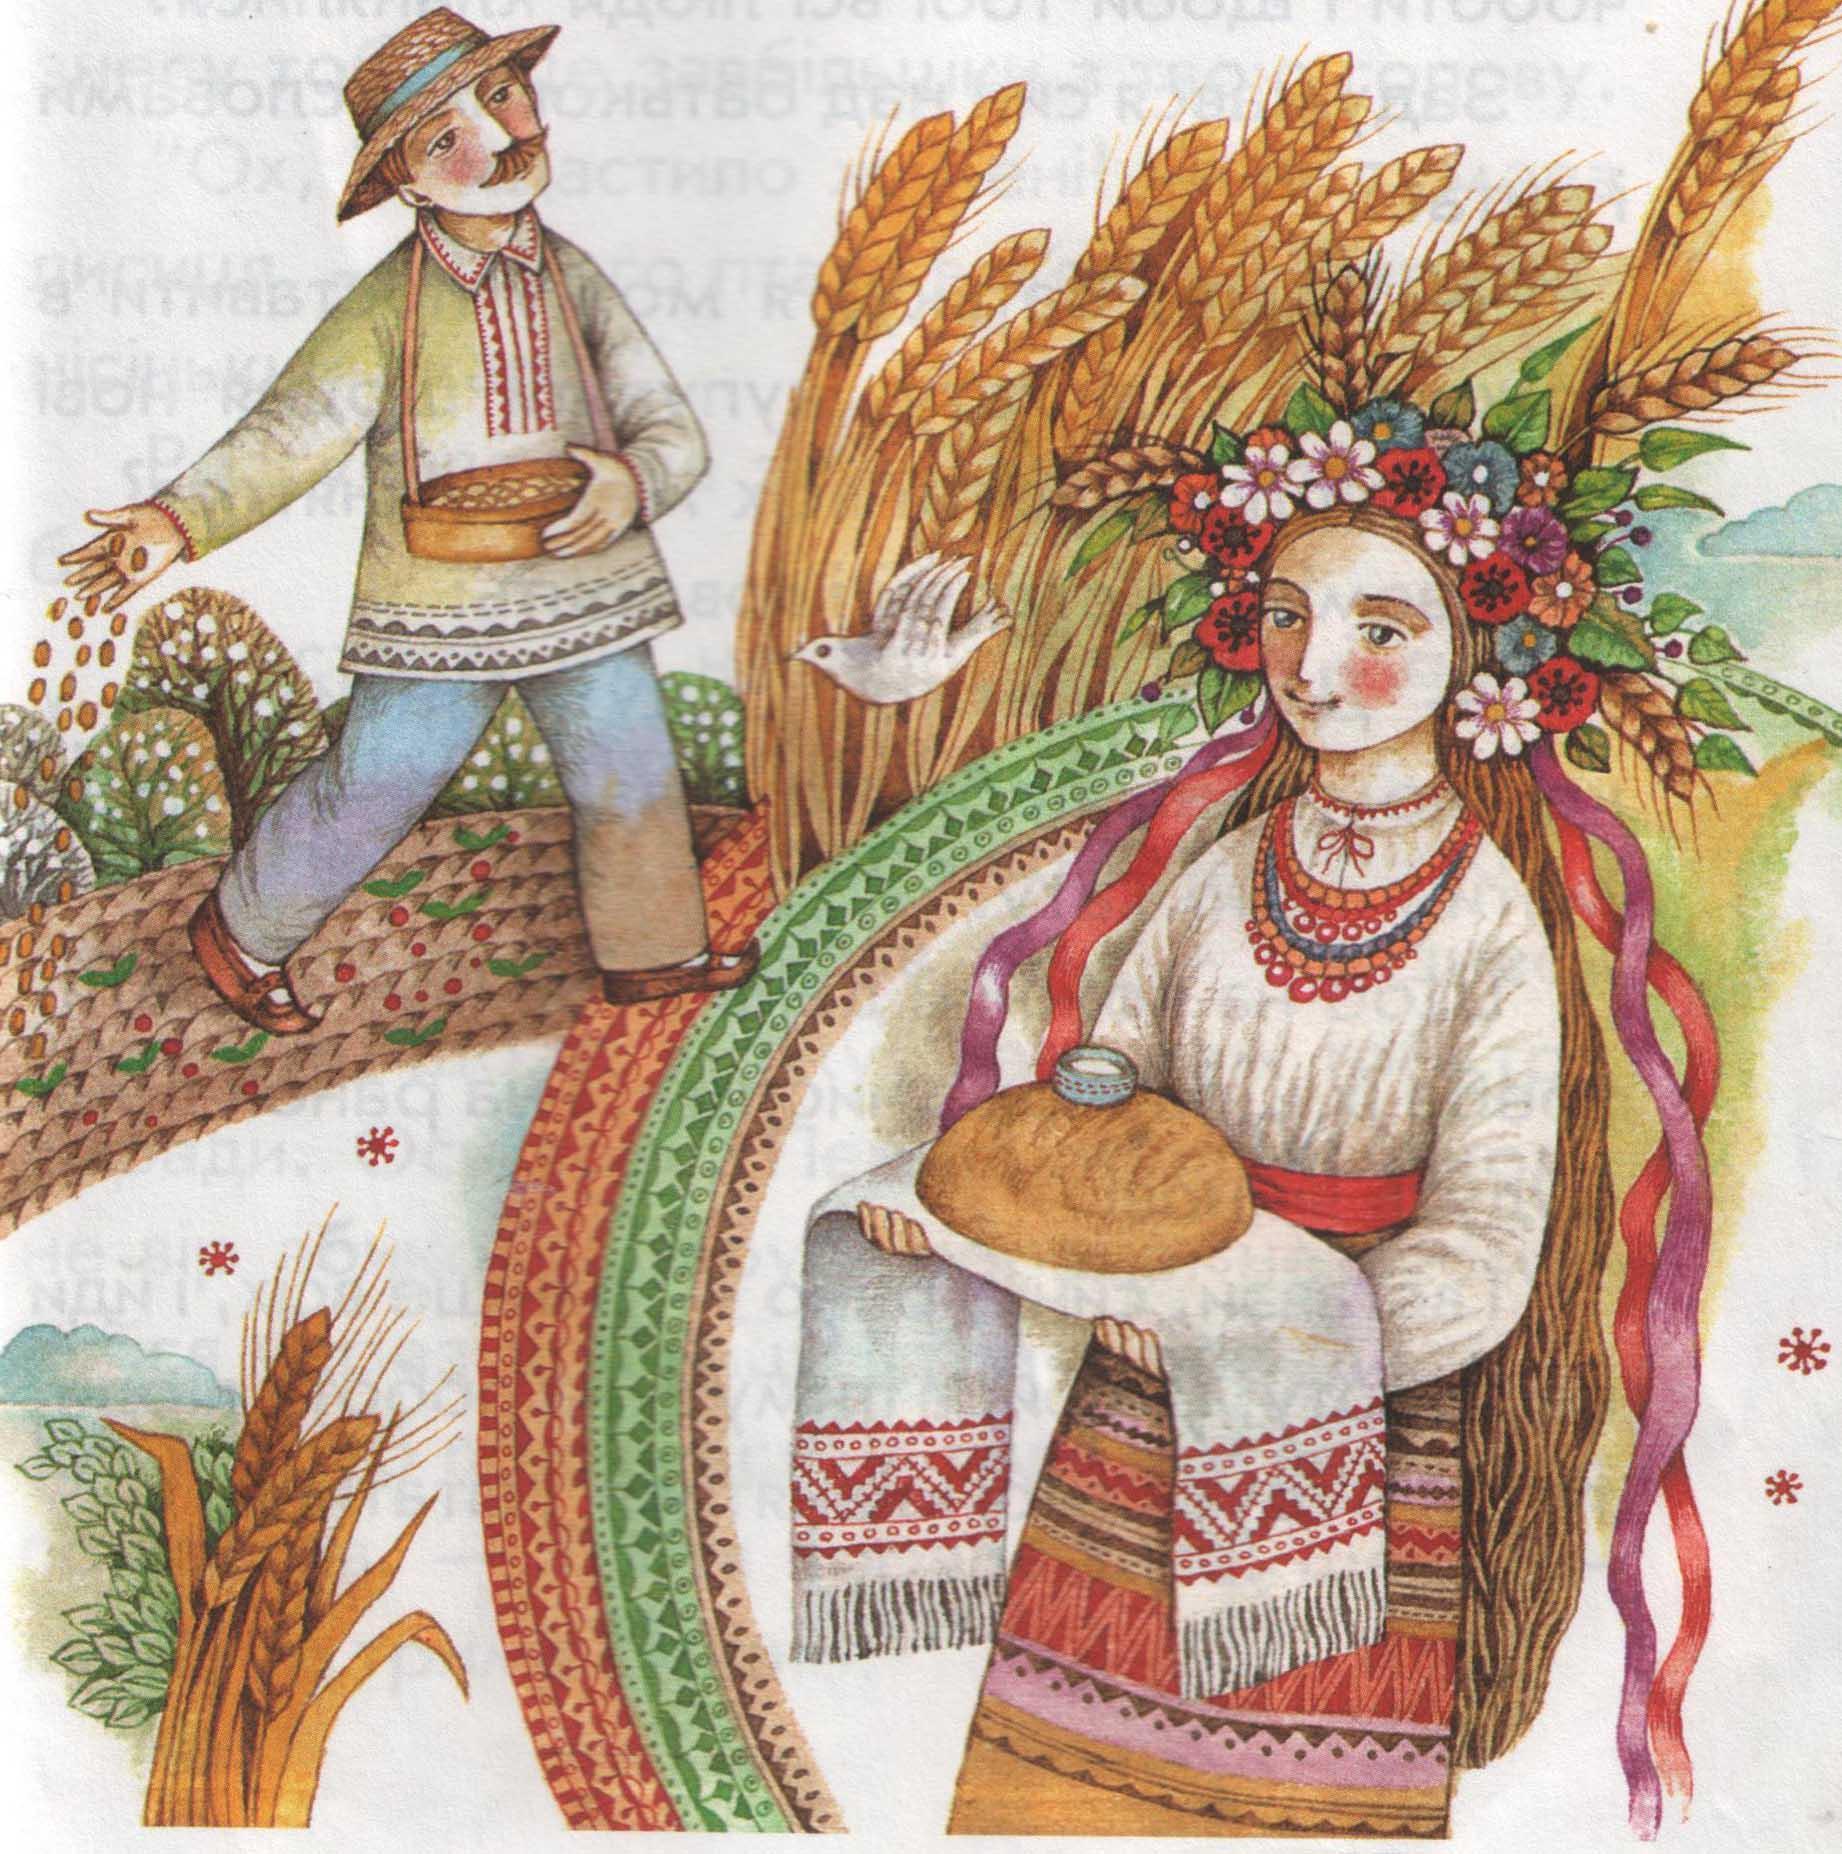 открытки про белоруссию публикации этих снимков